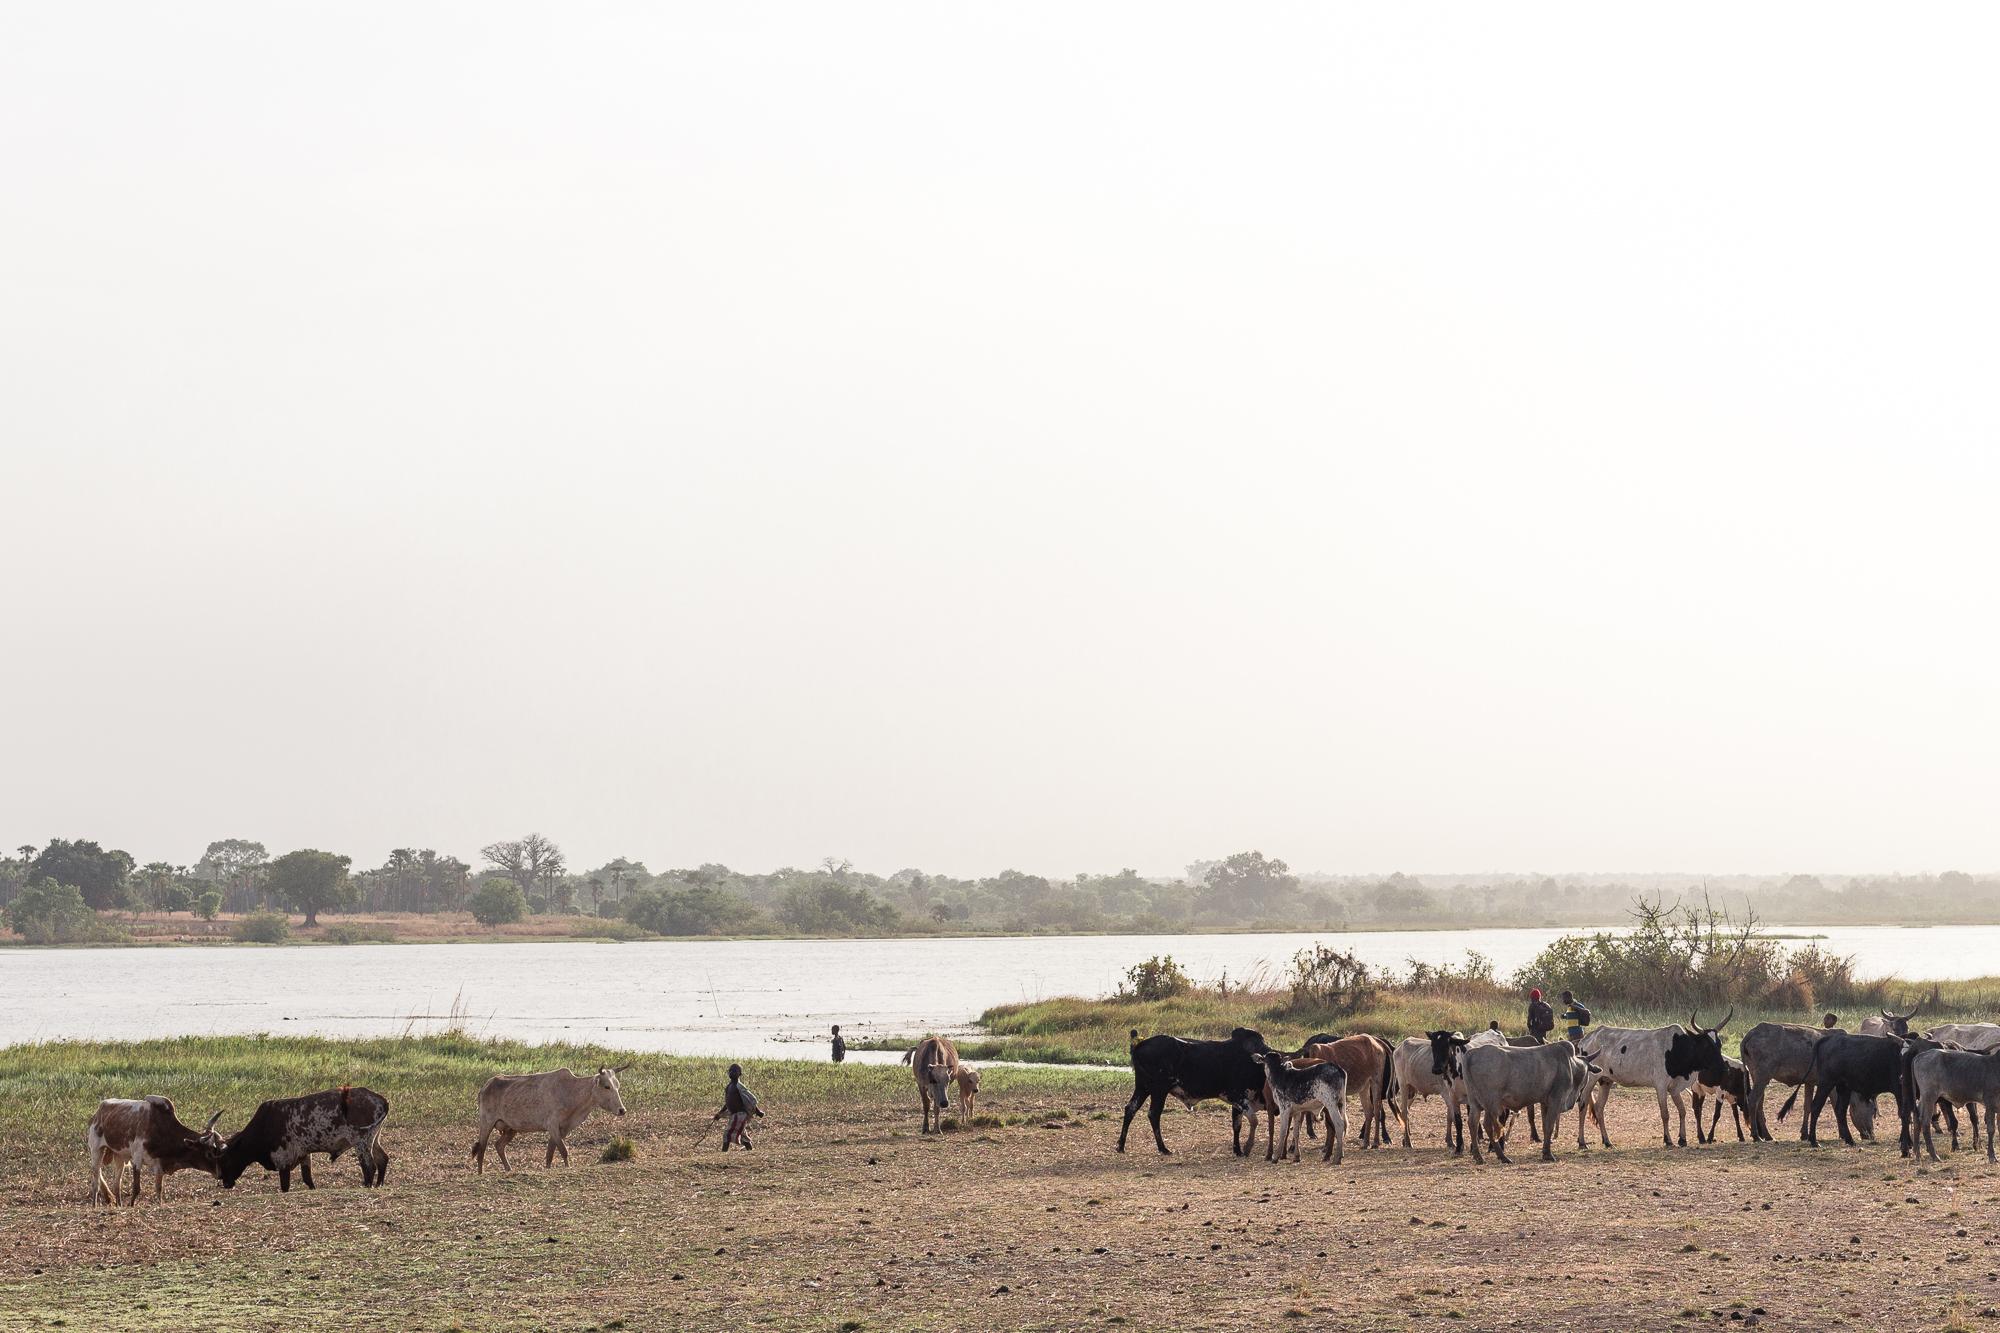 Troupeau de zébus dans la lumière de fin de journée sur les bords du lac de Tengrela, région de Banfora, Brukina Faso